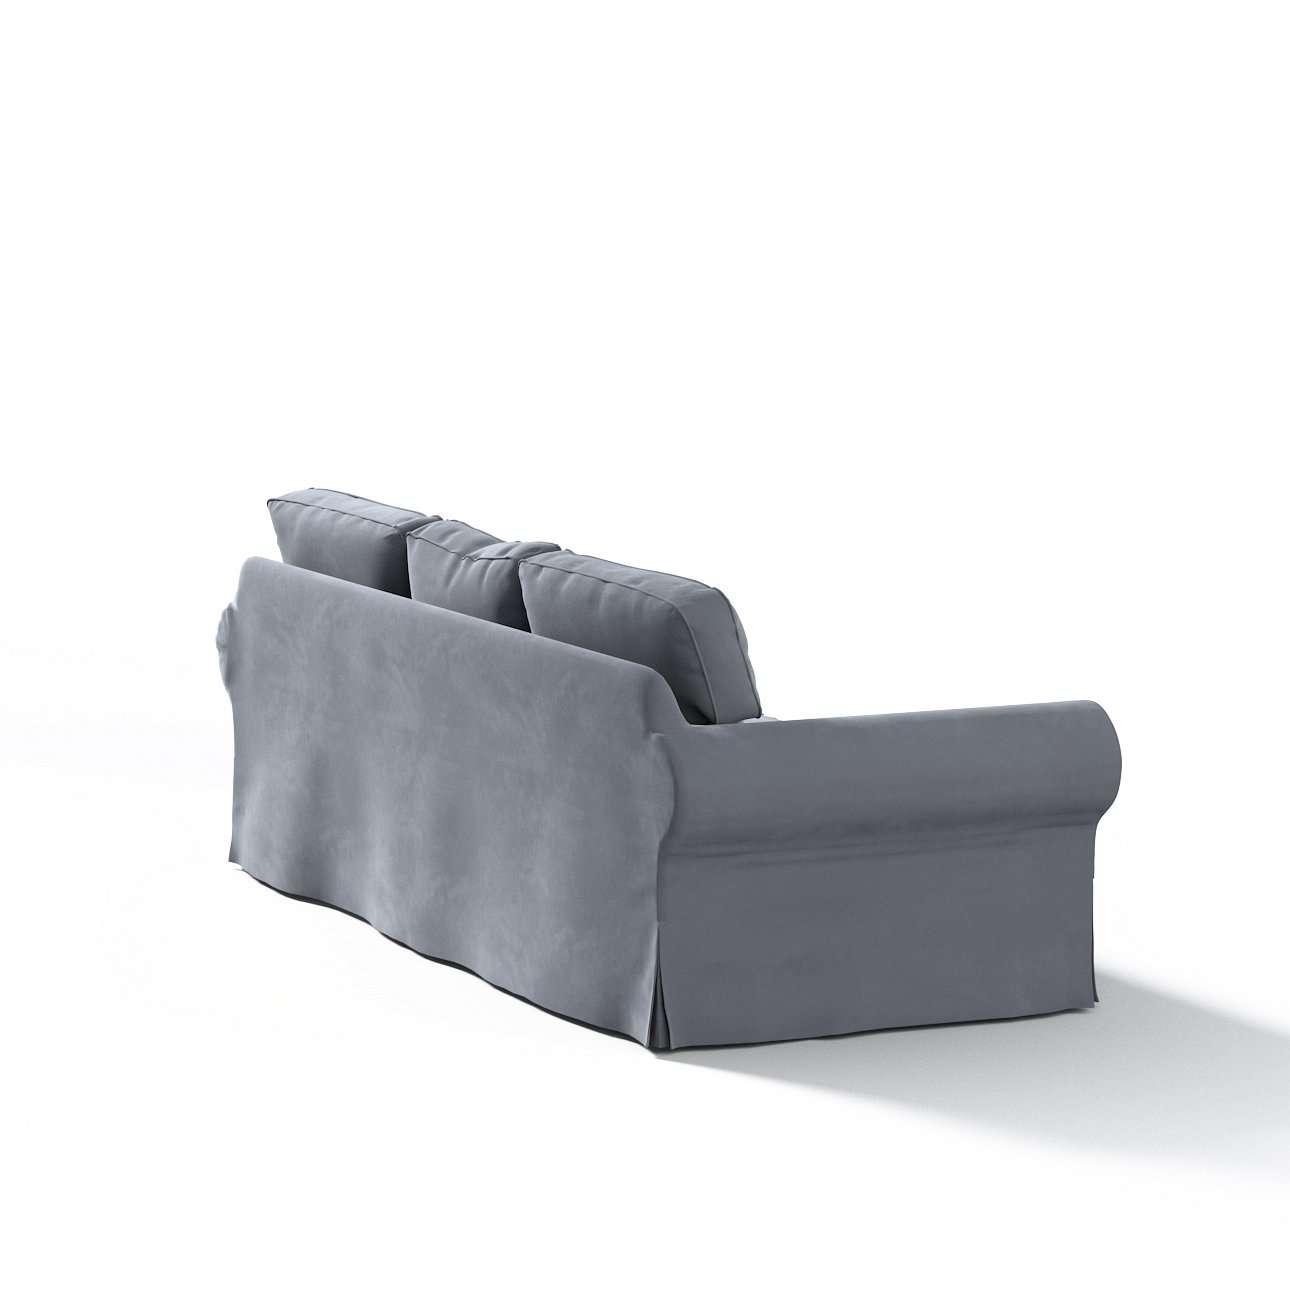 Pokrowiec na sofę Ektorp 3-osobową, nierozkładaną w kolekcji Velvet, tkanina: 704-12